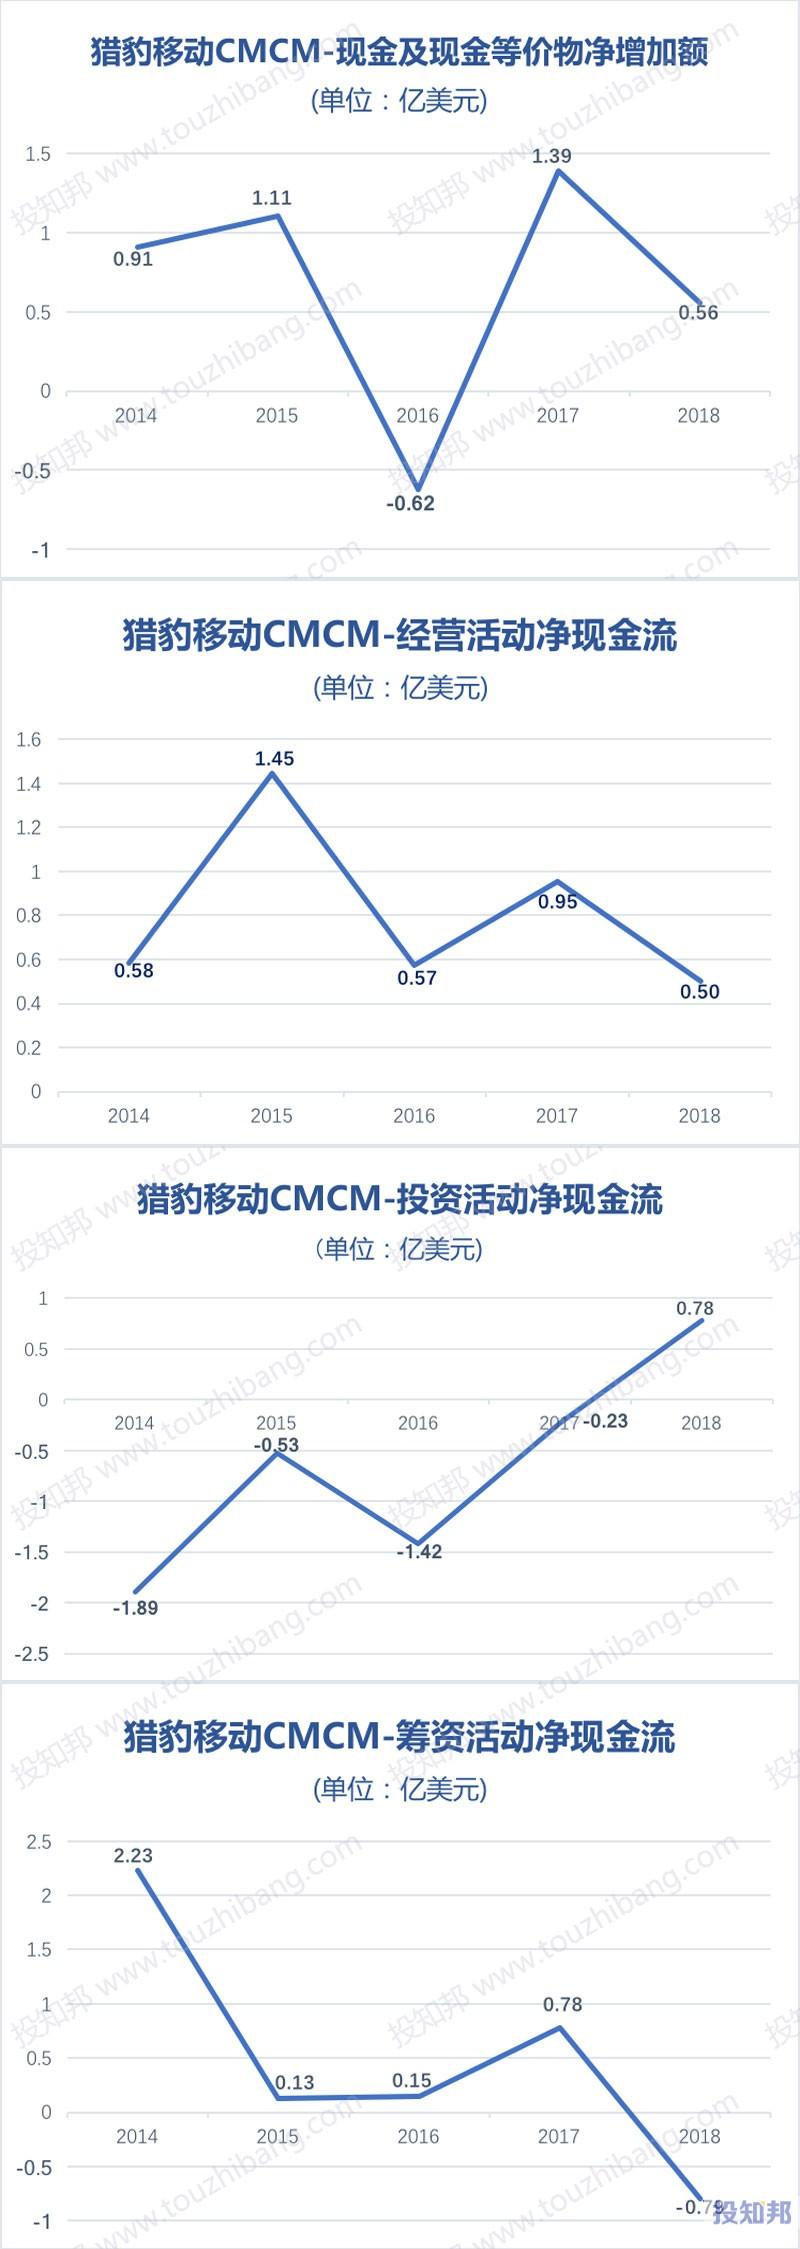 图解猎豹移动(CMCM)财报数据(以美元计,2014~2018年,更新)